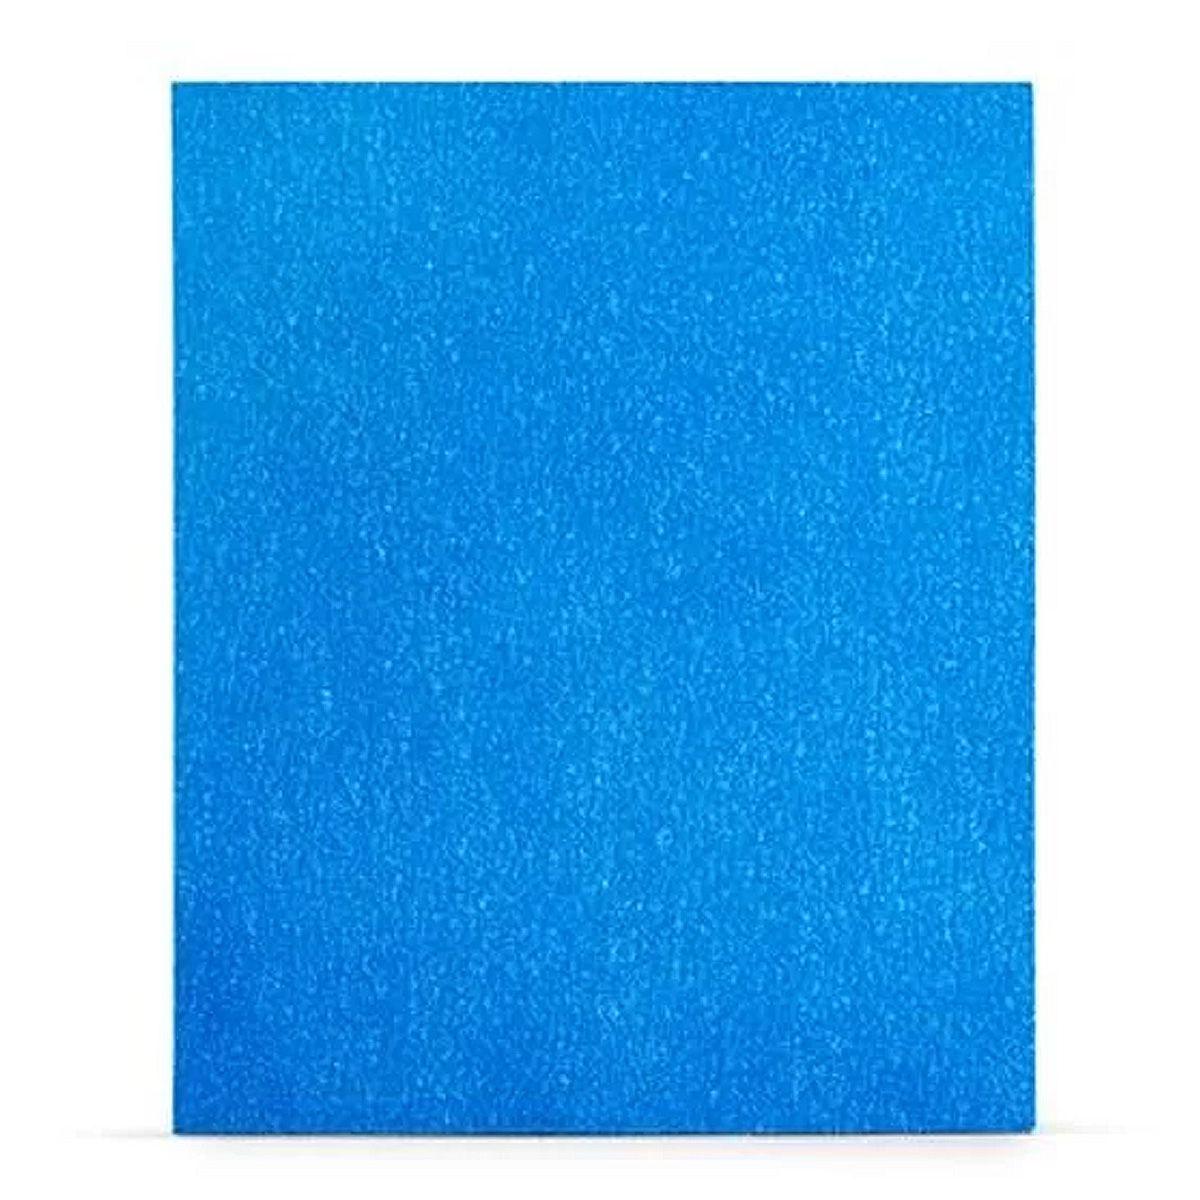 Lixa a Seco 338U Blue 180 225X275mm Unidade 3M